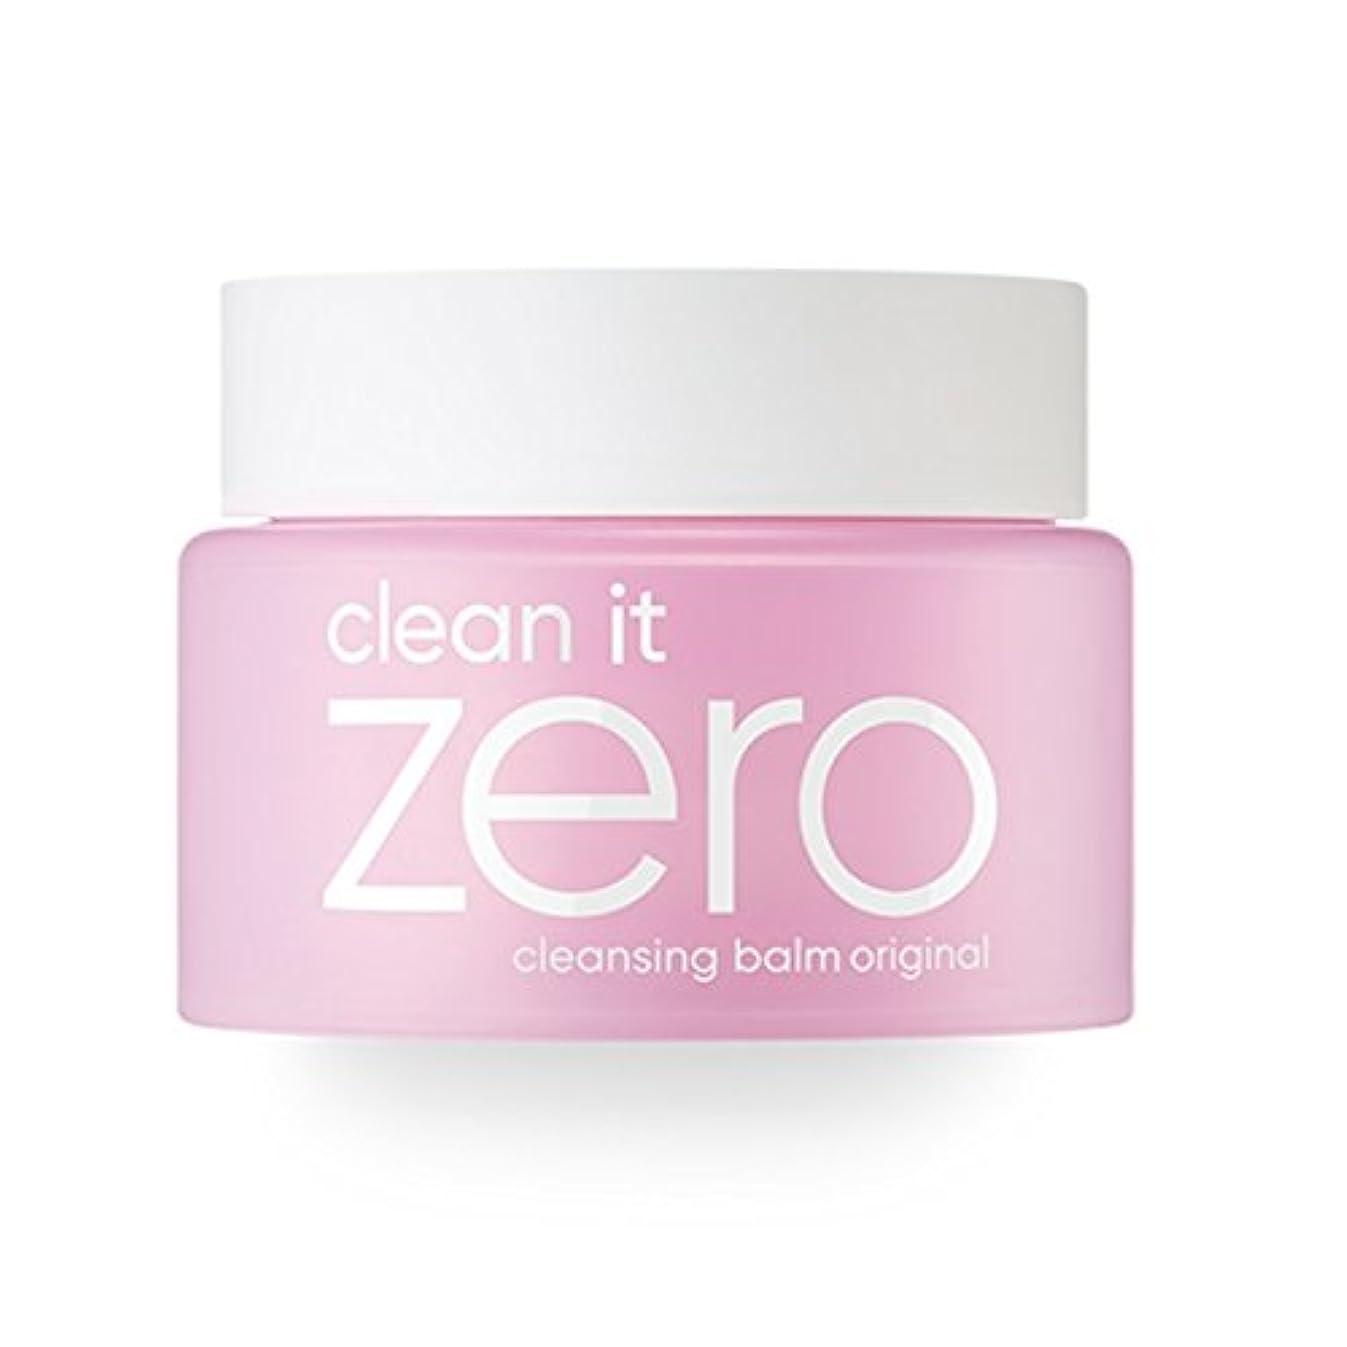 ジャンクション愛人脅迫Banila.co クリーン イット ゼロ クレンジングバーム オリジナル / Clean it Zero Cleansing Balm Original (100ml)